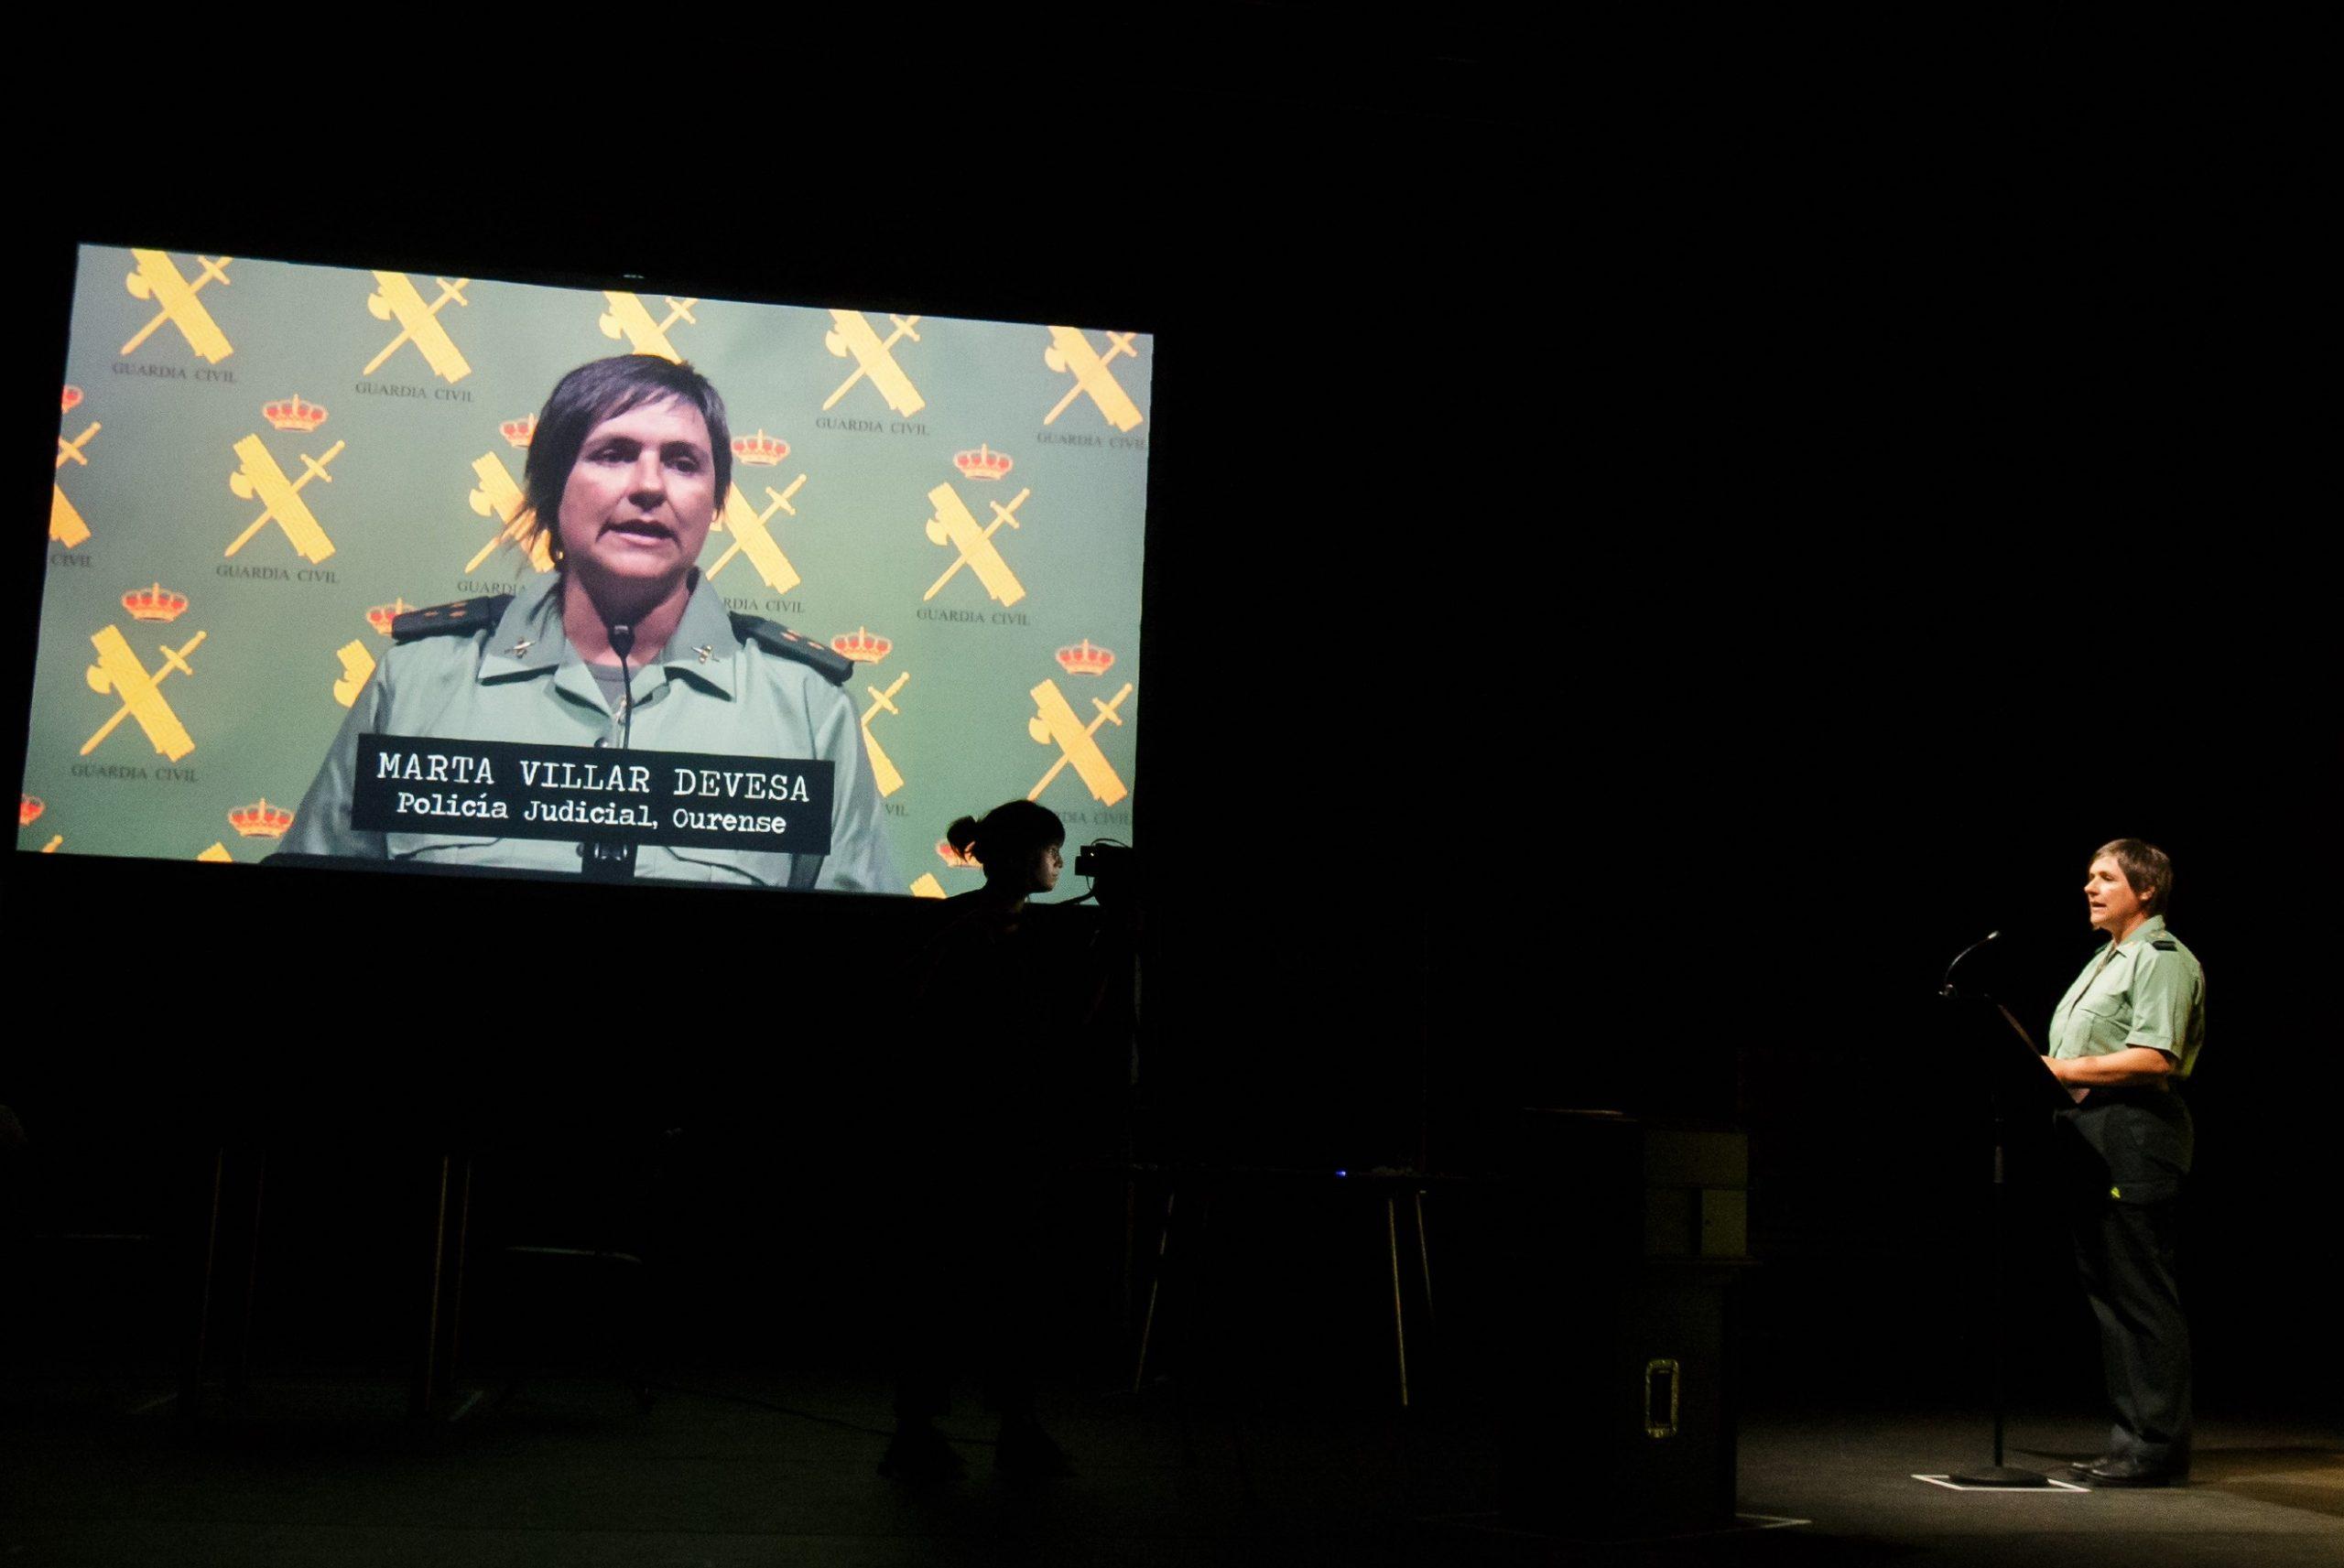 Patricia de Lorenzo y Miguel de Lira, protagonistas de Curva España, la nueva otra de teatro de la compañía Chévere.